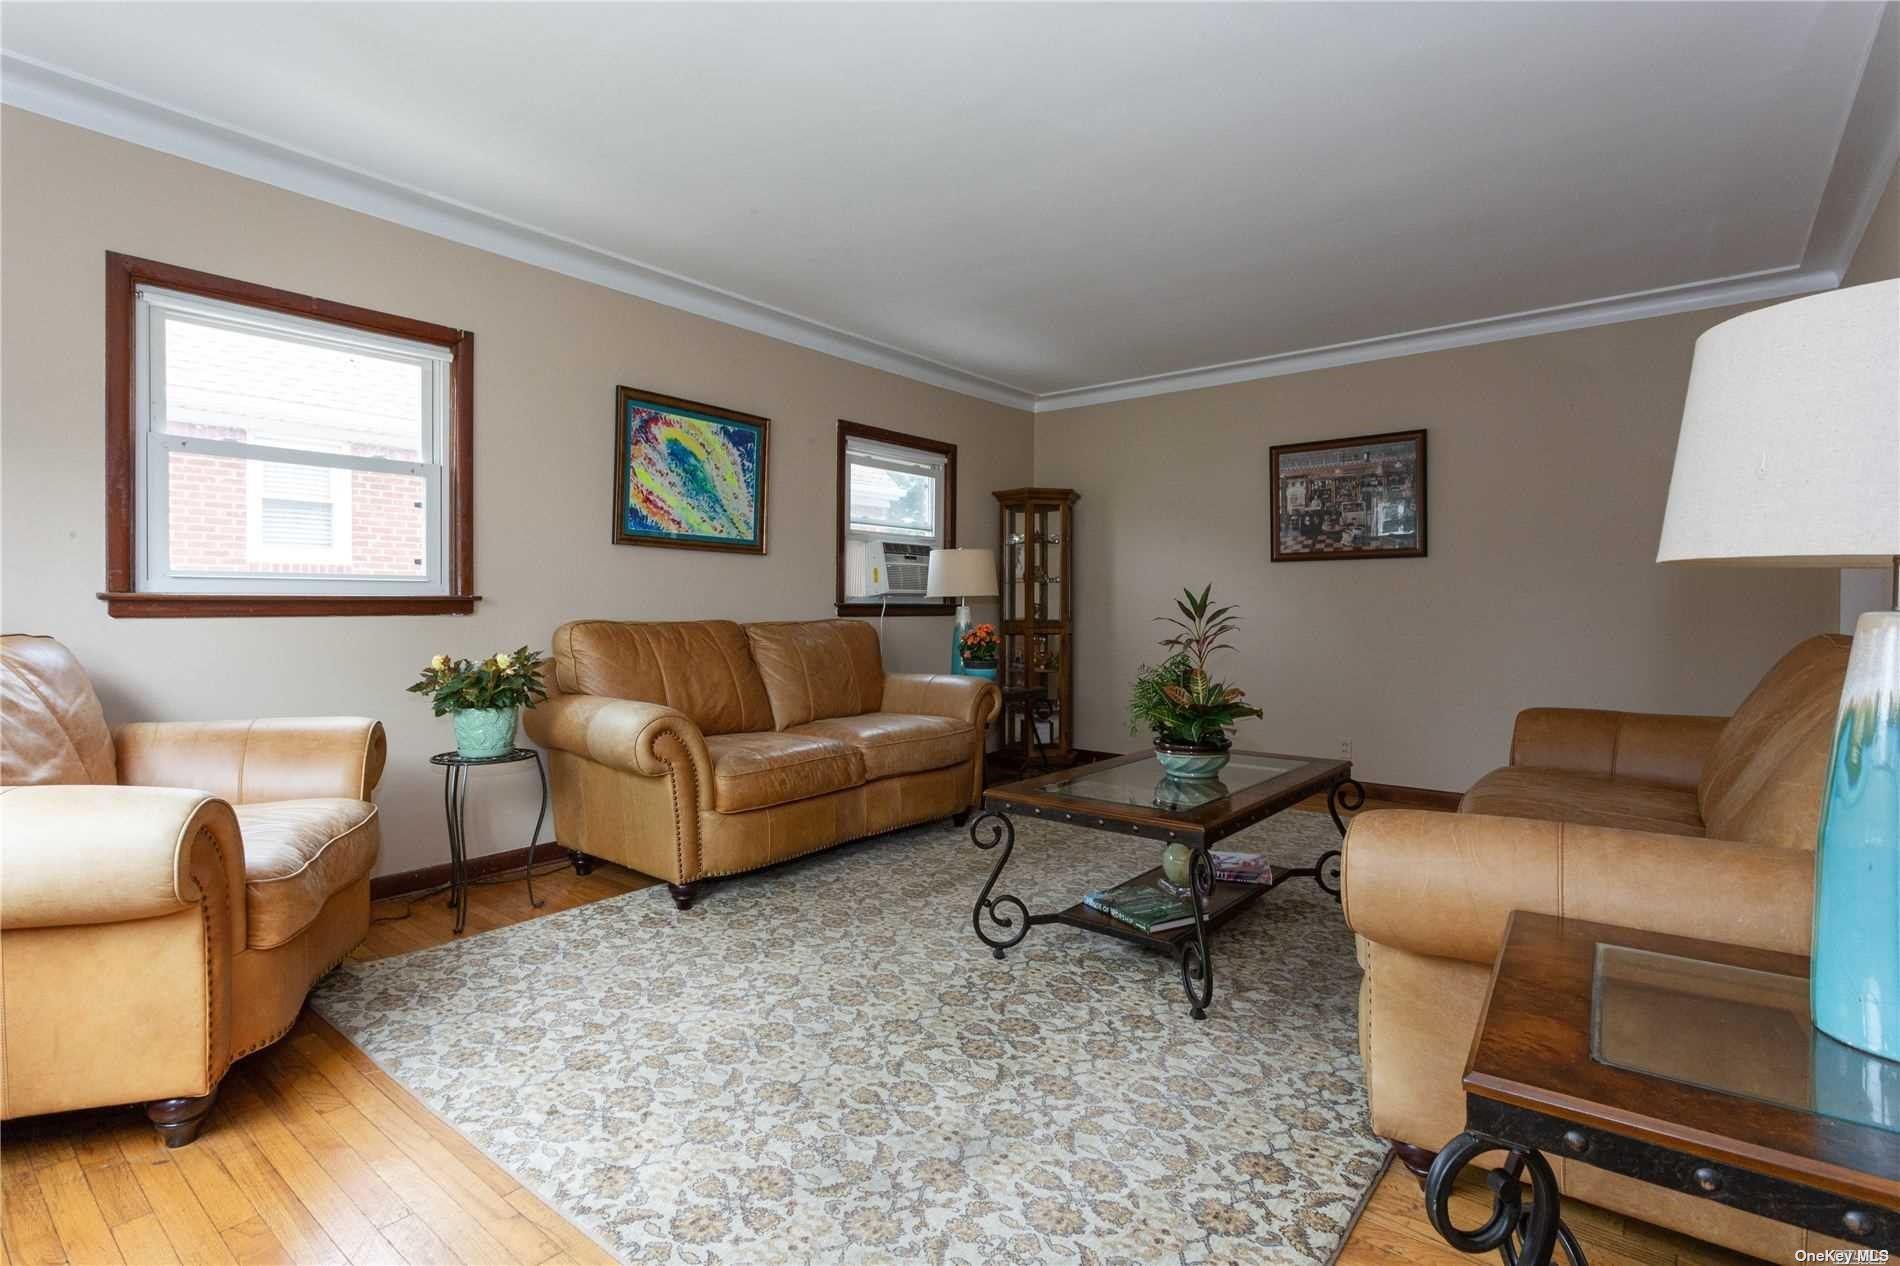 62 Wood Street, Lynbrook, NY 11563 - MLS#: 3230472